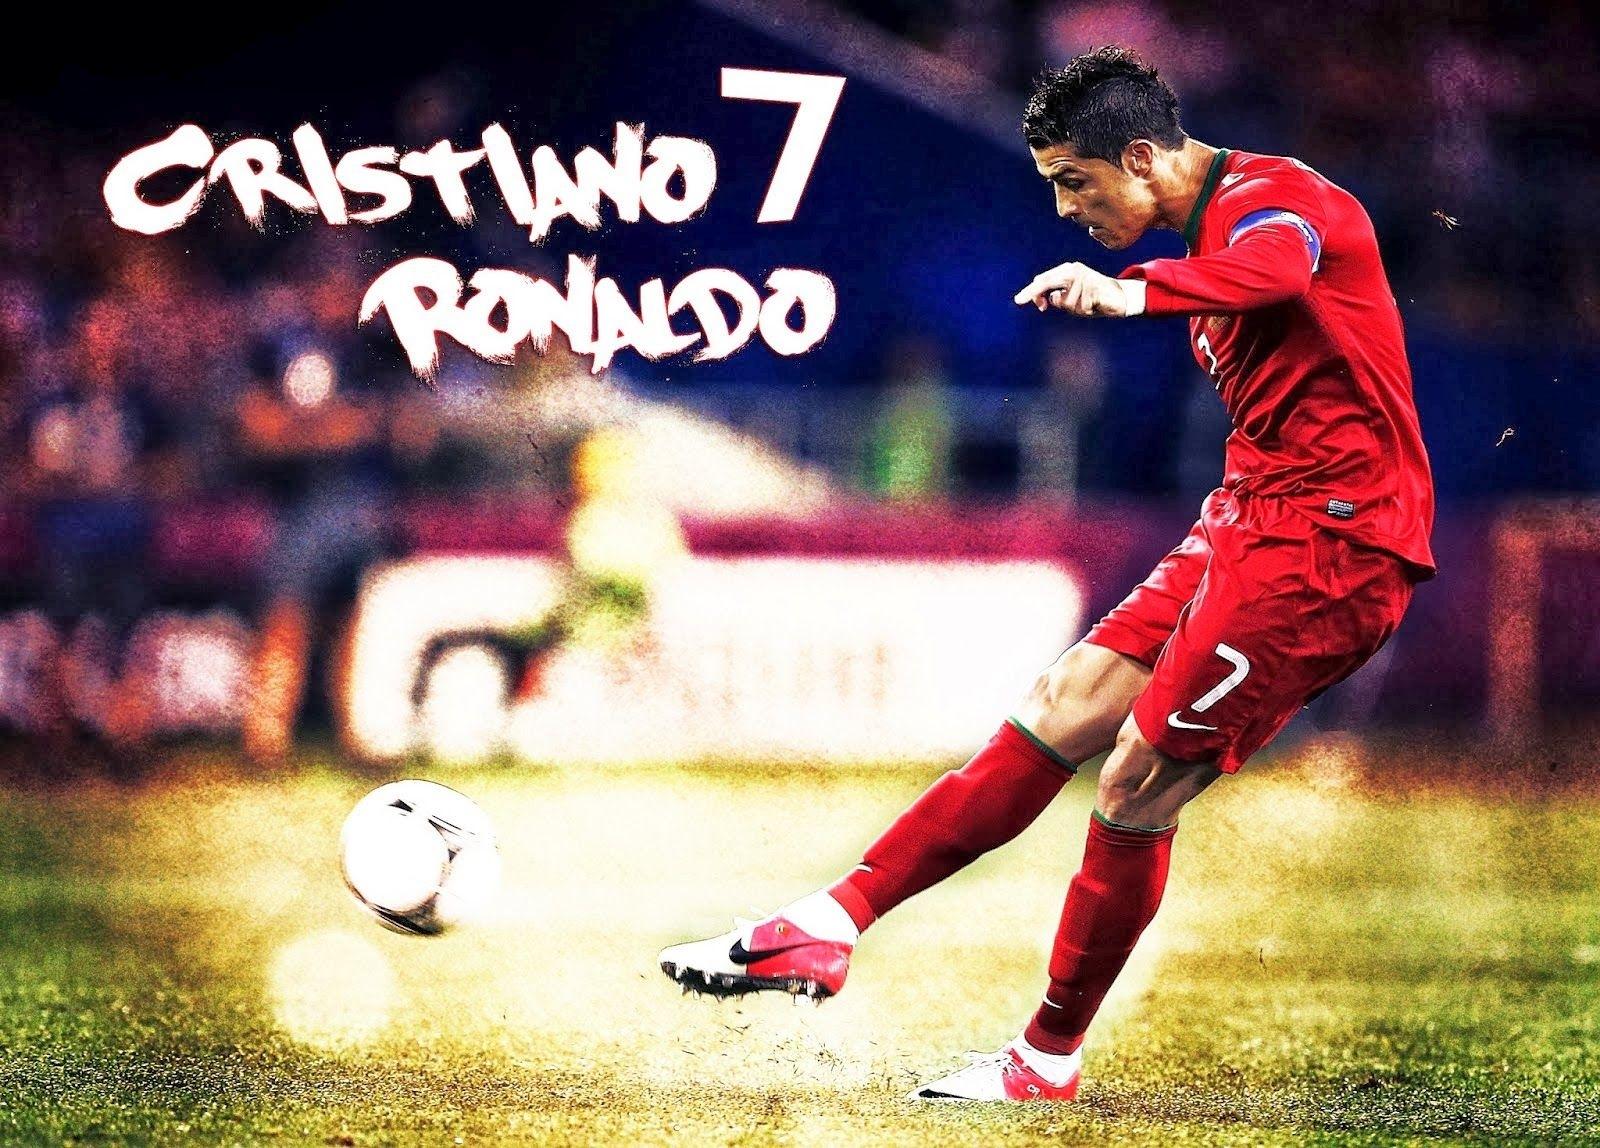 10 Top Cristiano Ronaldo Wallpaper 2014 Full Hd 1080p For Pc Desktop